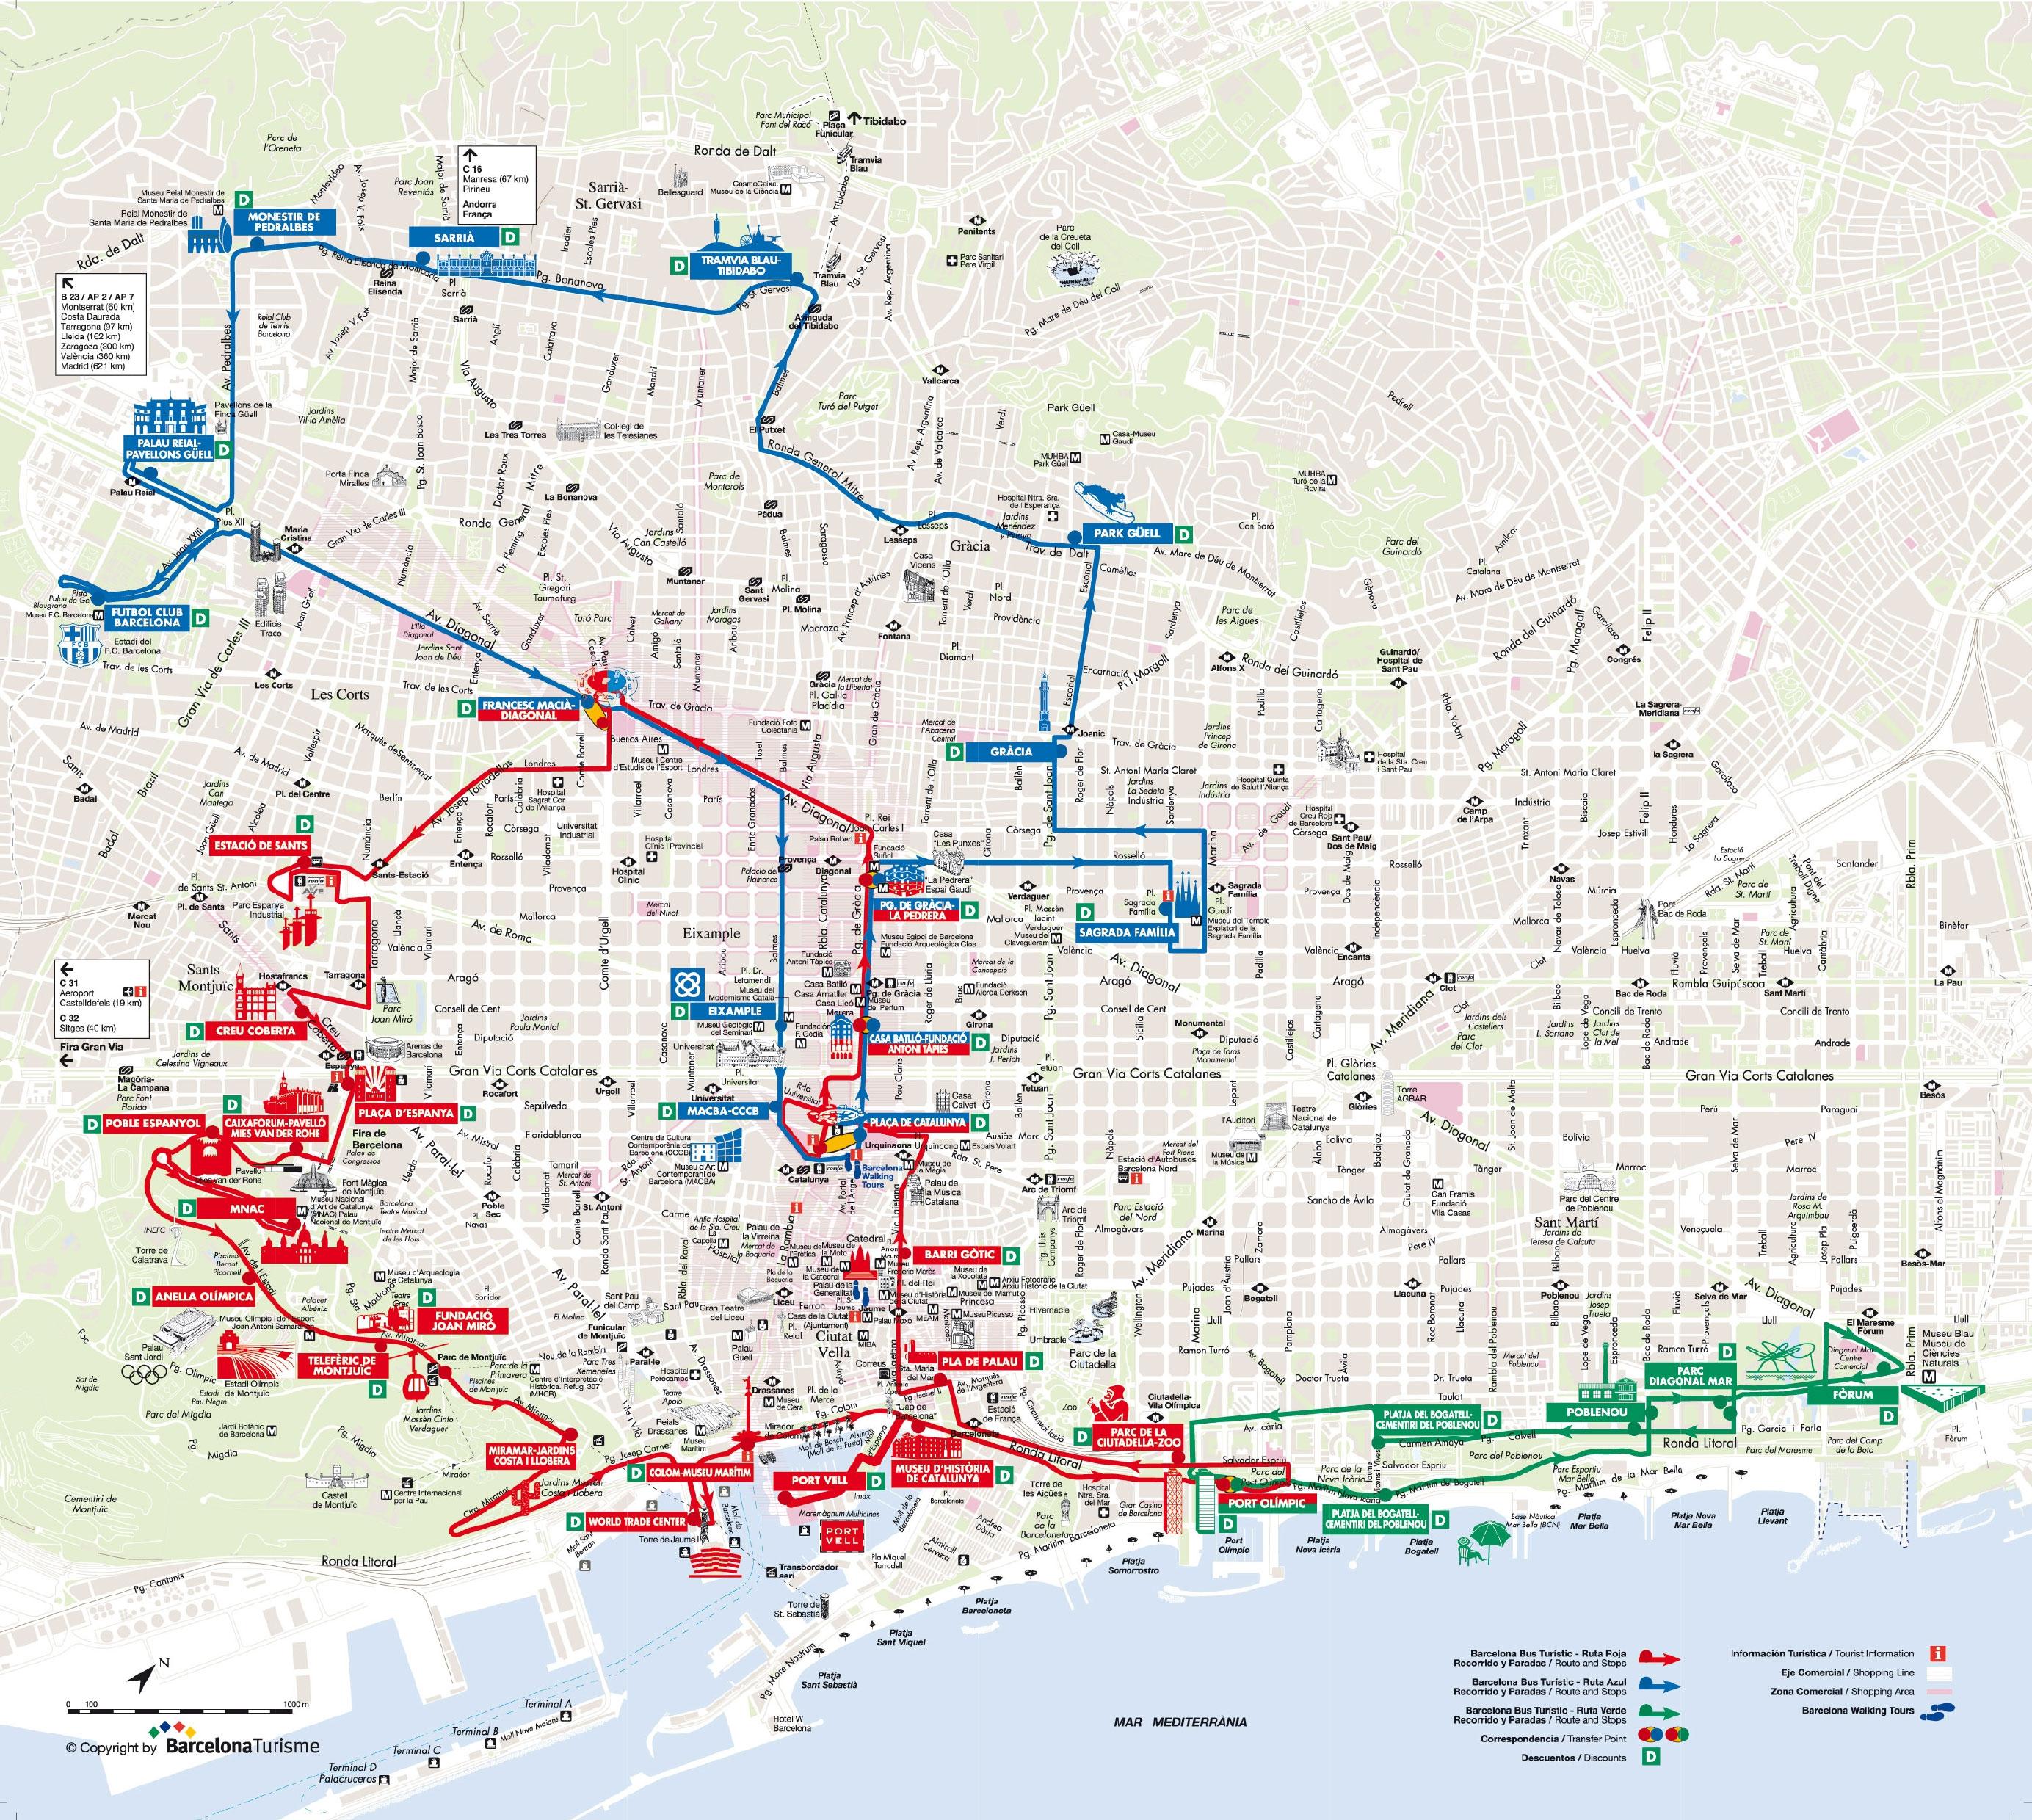 Barcelona Sehenswürdigkeiten Karte.Touristischen Karte Von Barcelona Sehenswürdigkeiten Und Touren